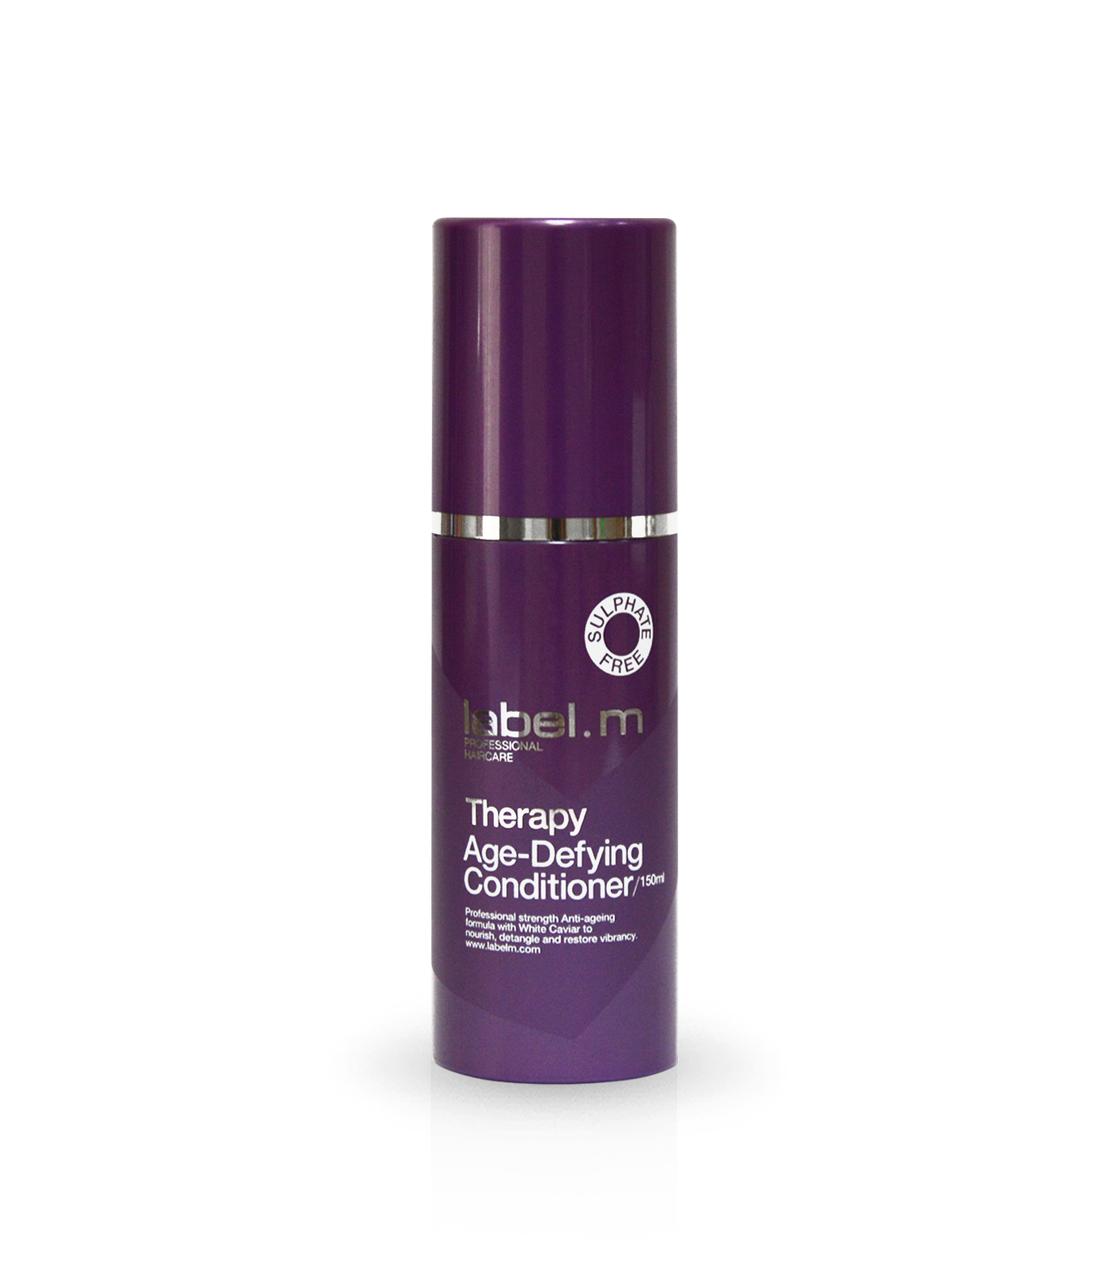 Кондиционер для волос Омолаживающая терапия 150 мл. label.m